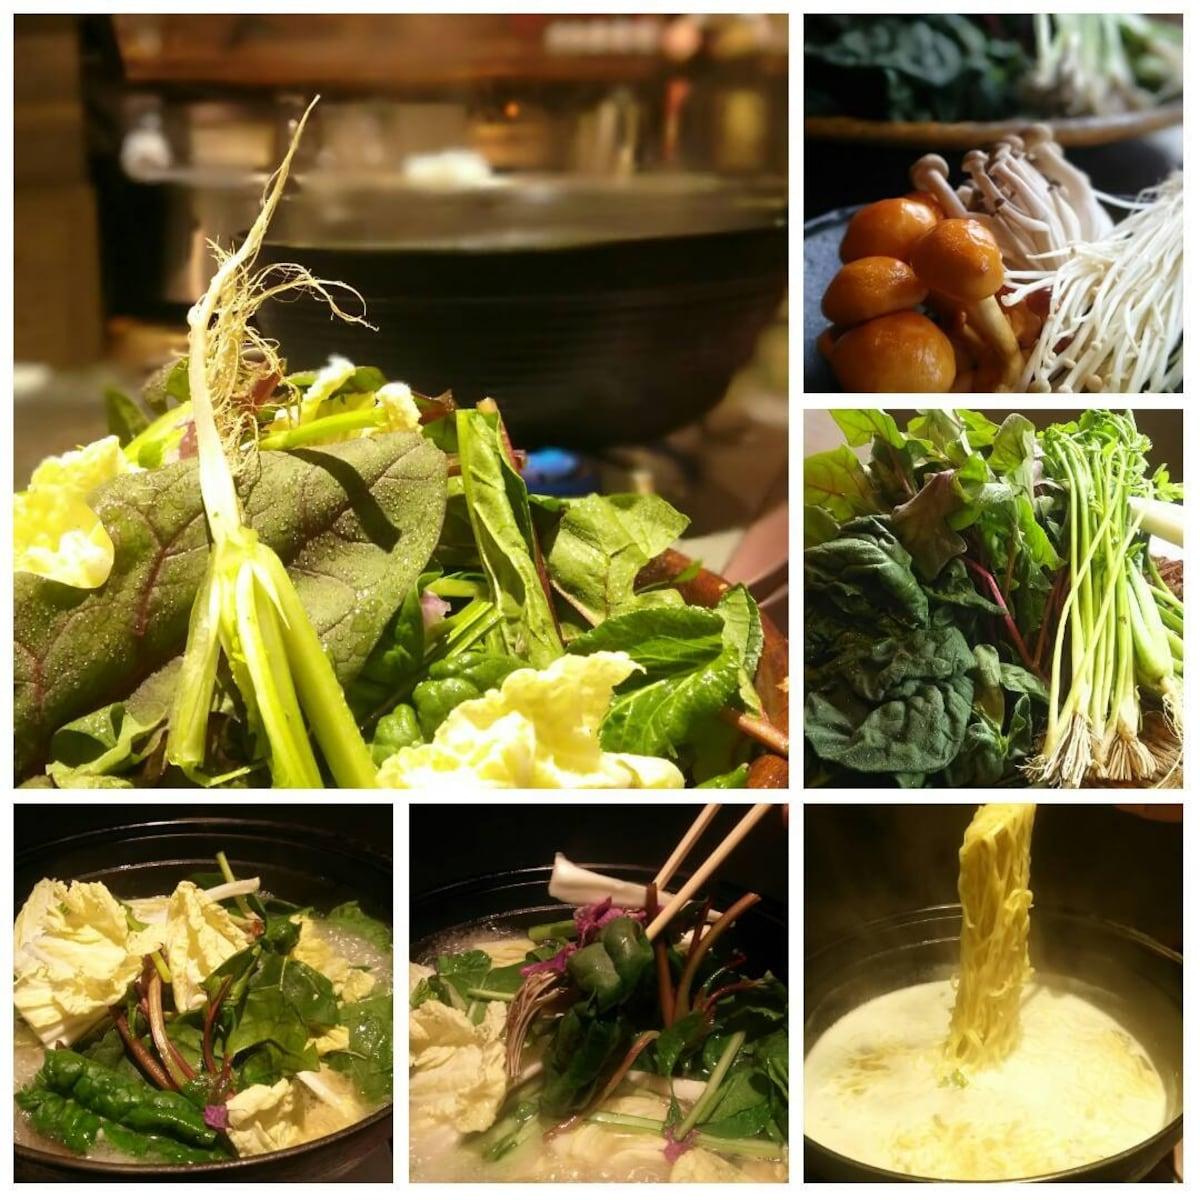 ■農園直送新鮮蔬菜鍋【四谷三丁目】どろまみれ (Doromamire)